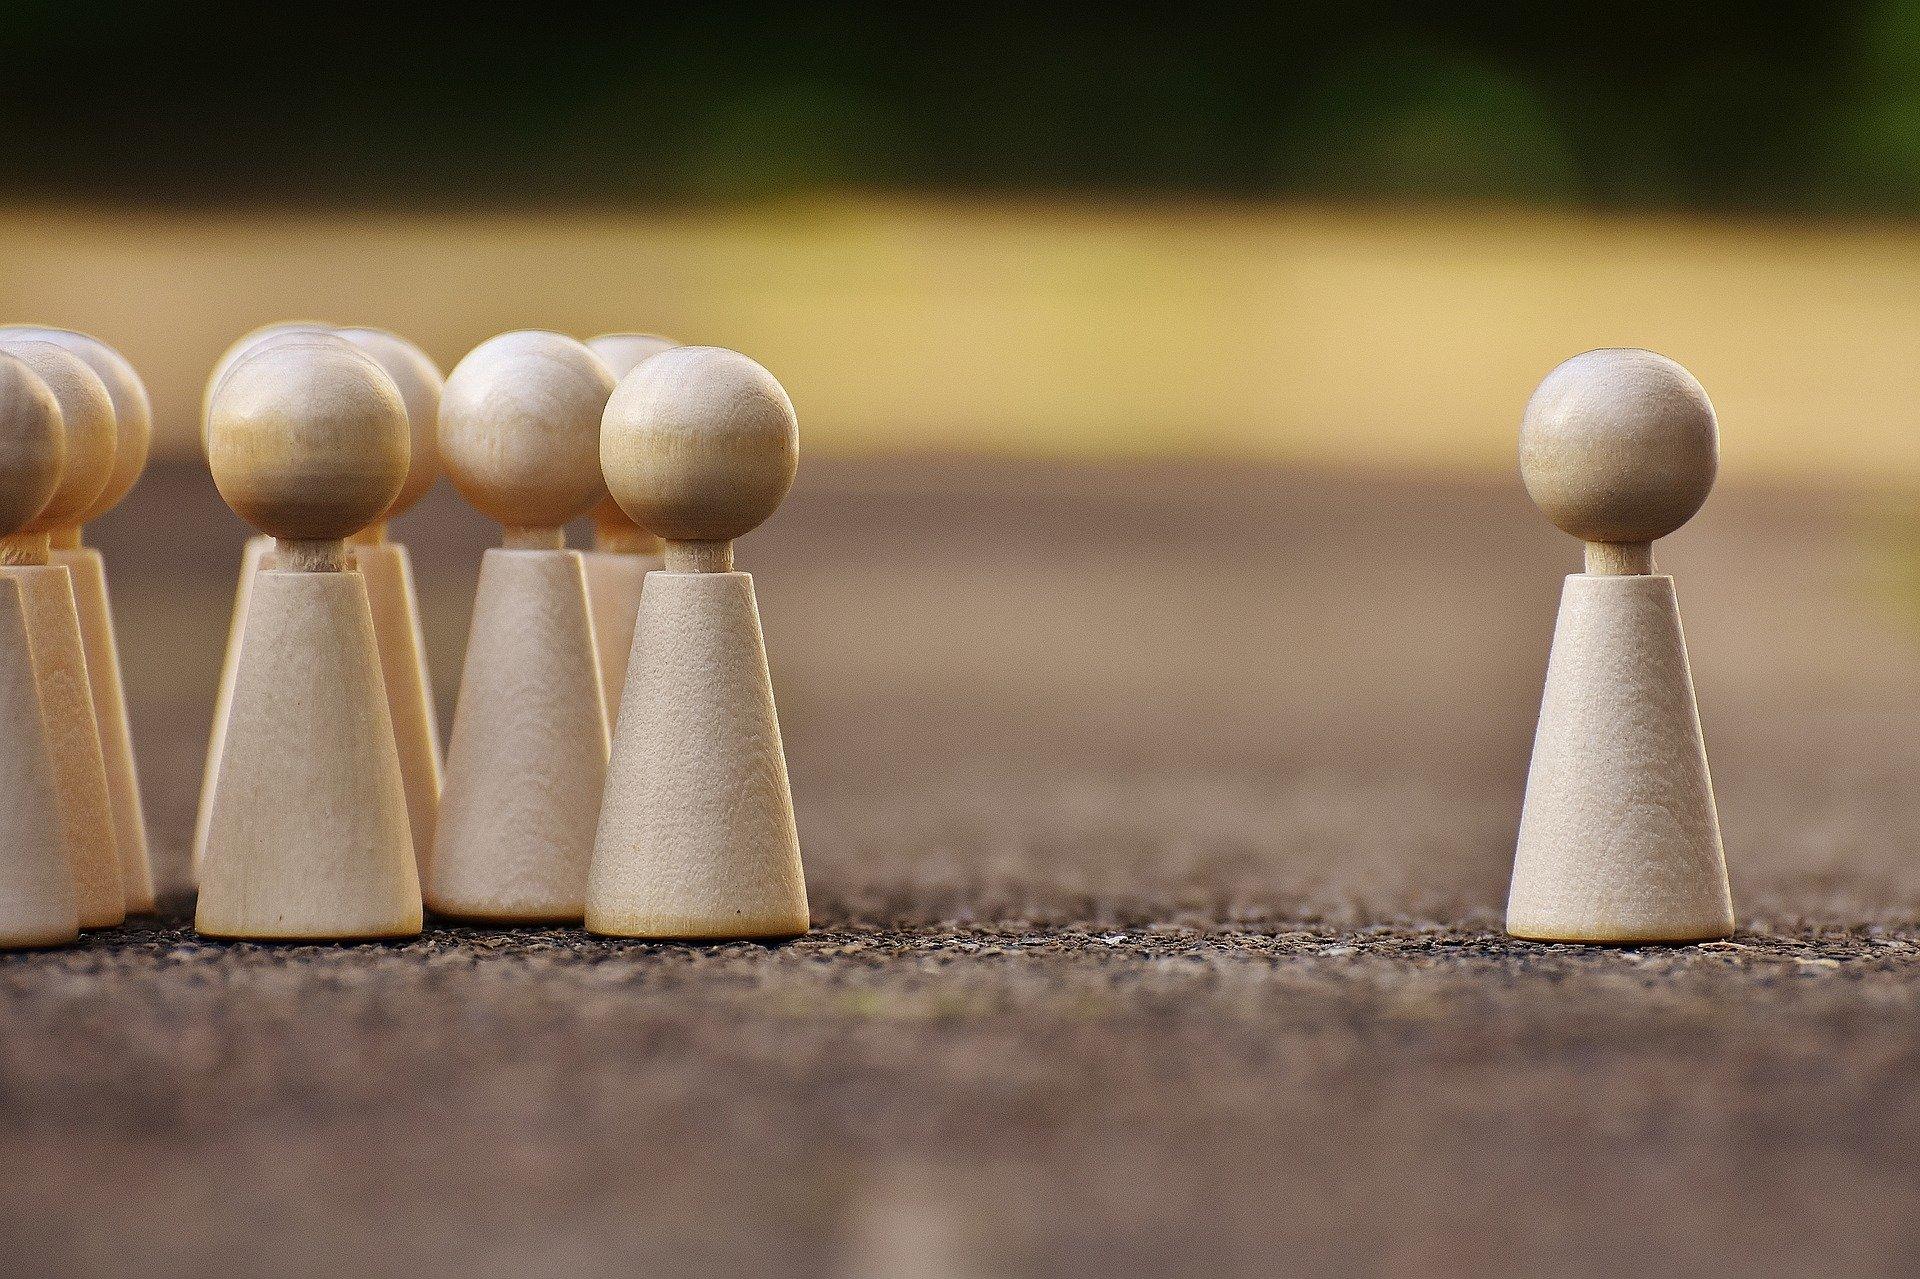 Bangun Kepercayaan, Tantangan Utama Komunikasi Era New Normal